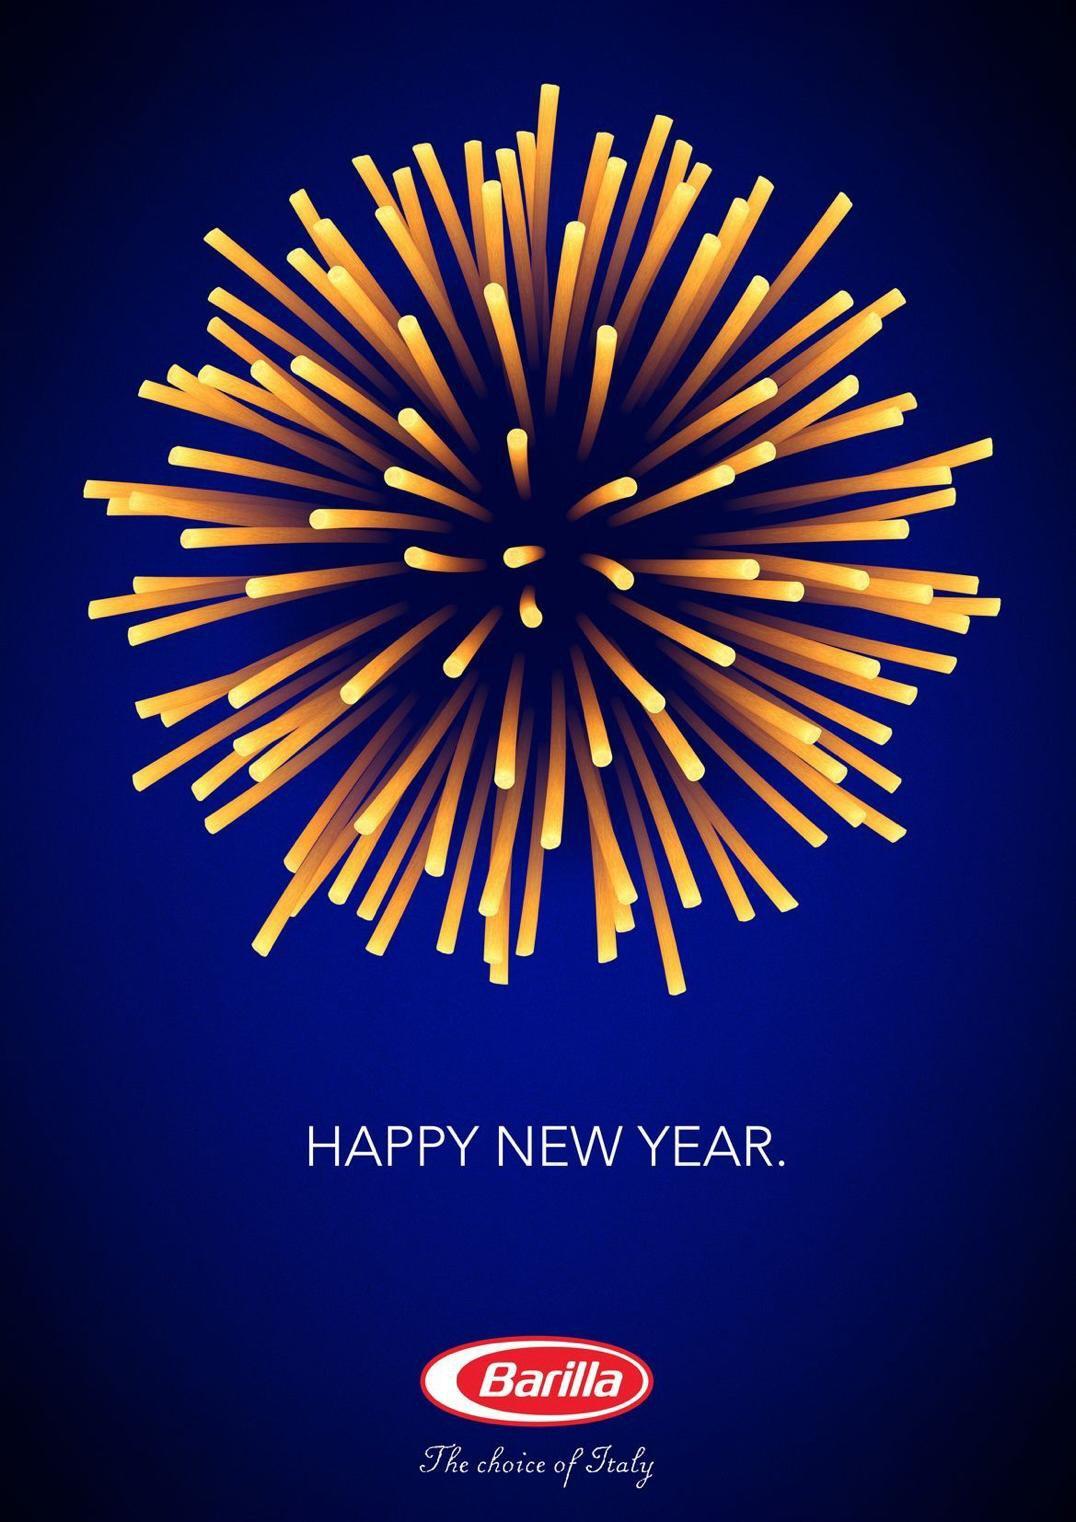 Barilla: Happy new year!